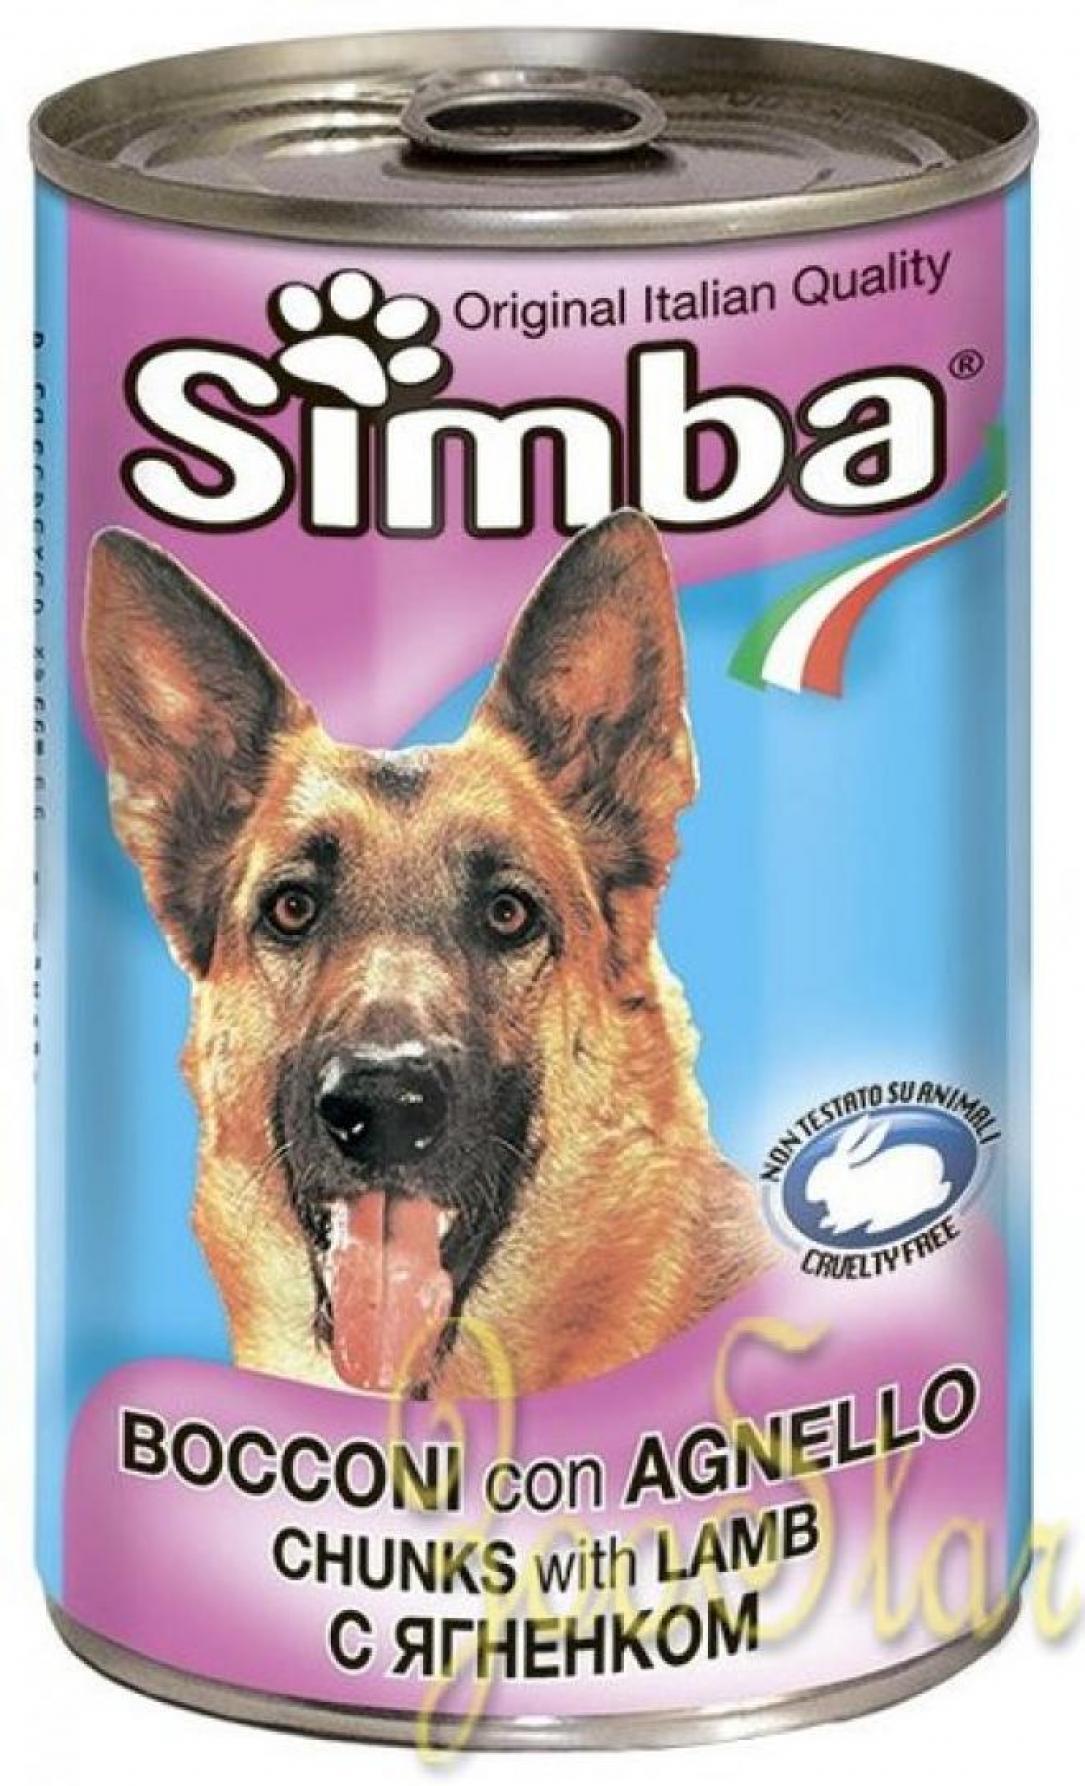 Simba Dog консервы для собак кусочки ягненка 1230г